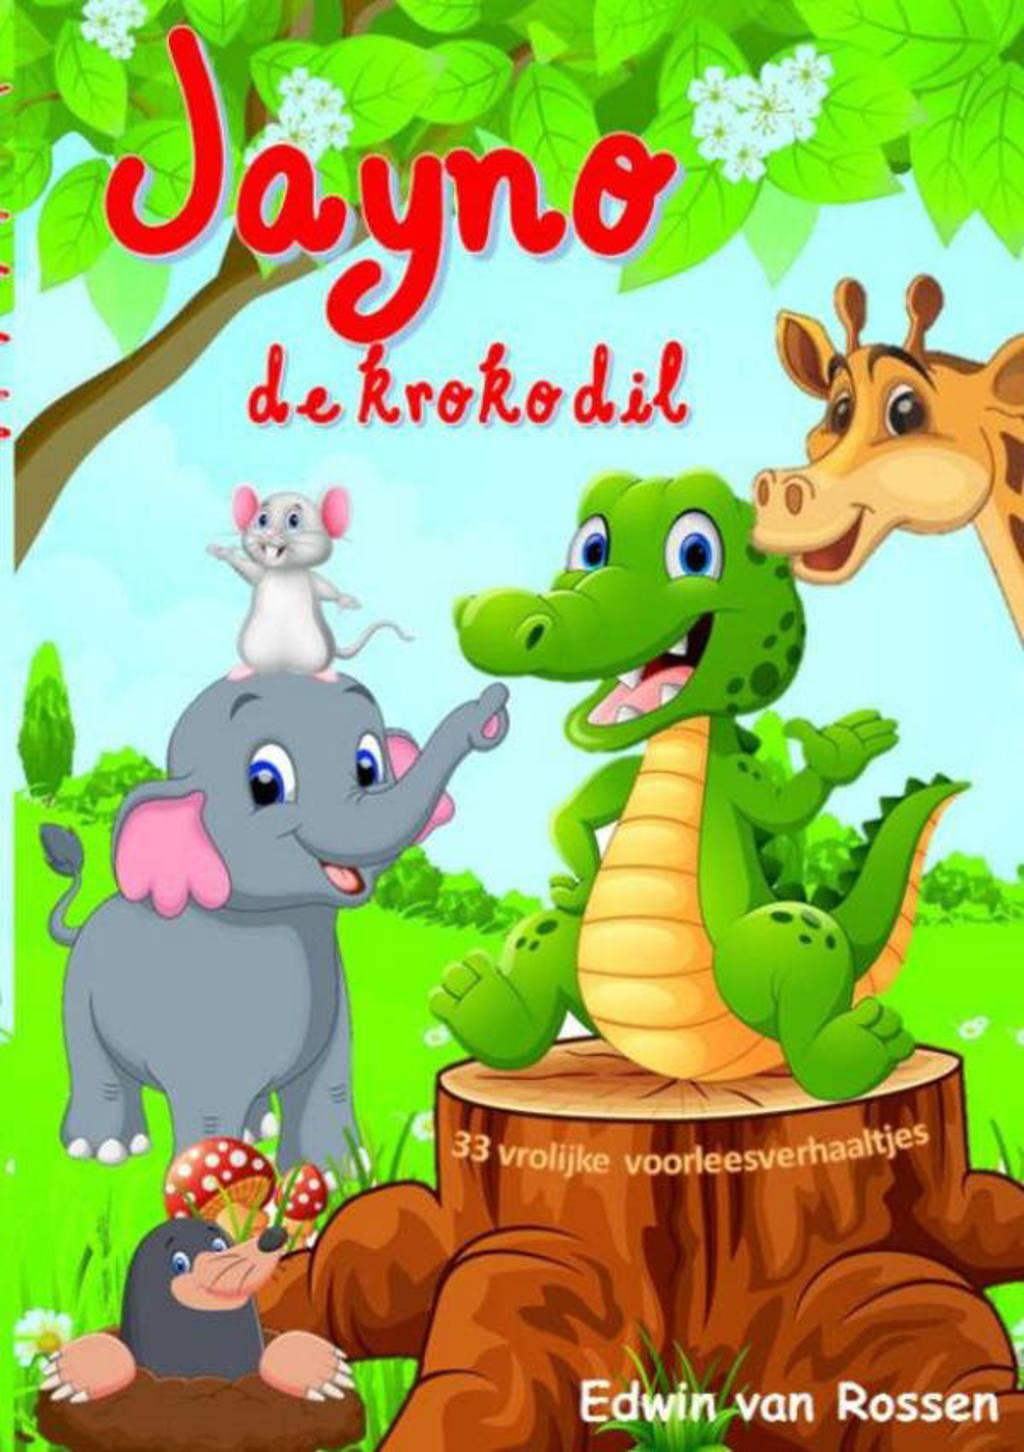 Jayno de krokodil - Edwin van Rossen